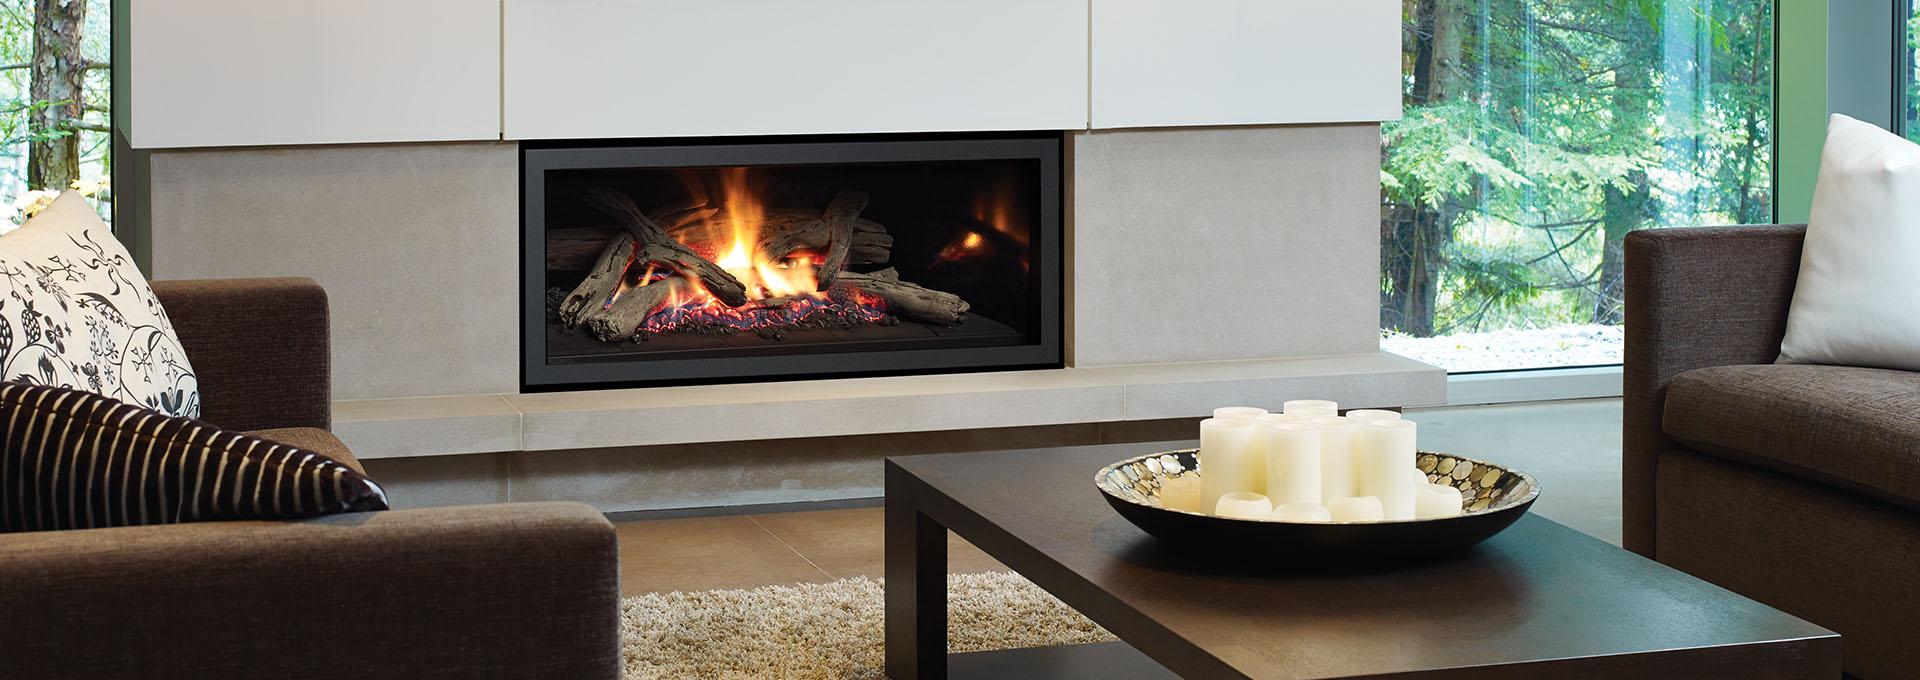 Beau Regency Fireplace